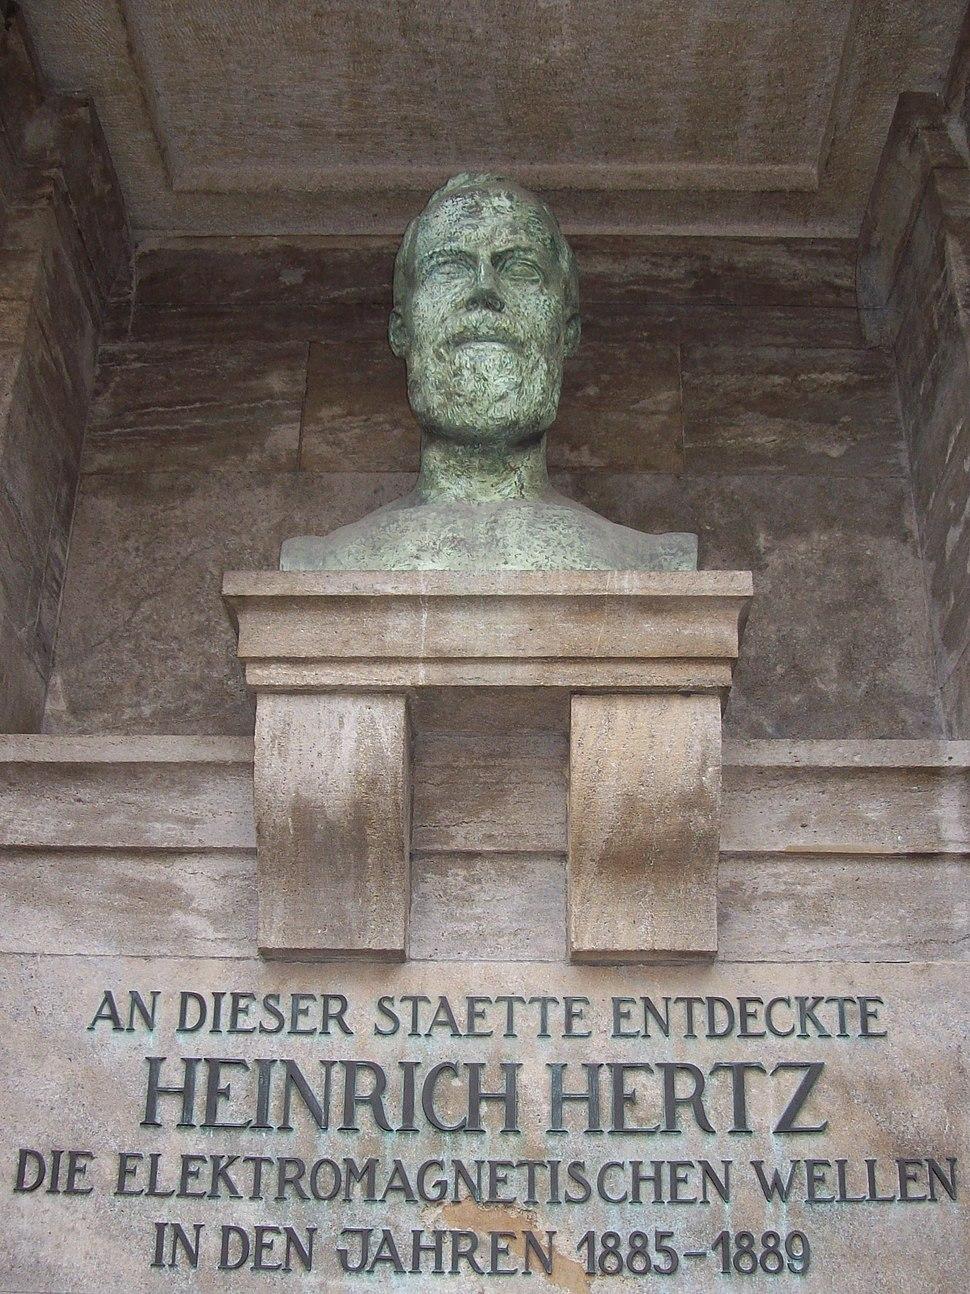 B%C3%BCste von Heinrich Hertz in Karlsruhe.jpg